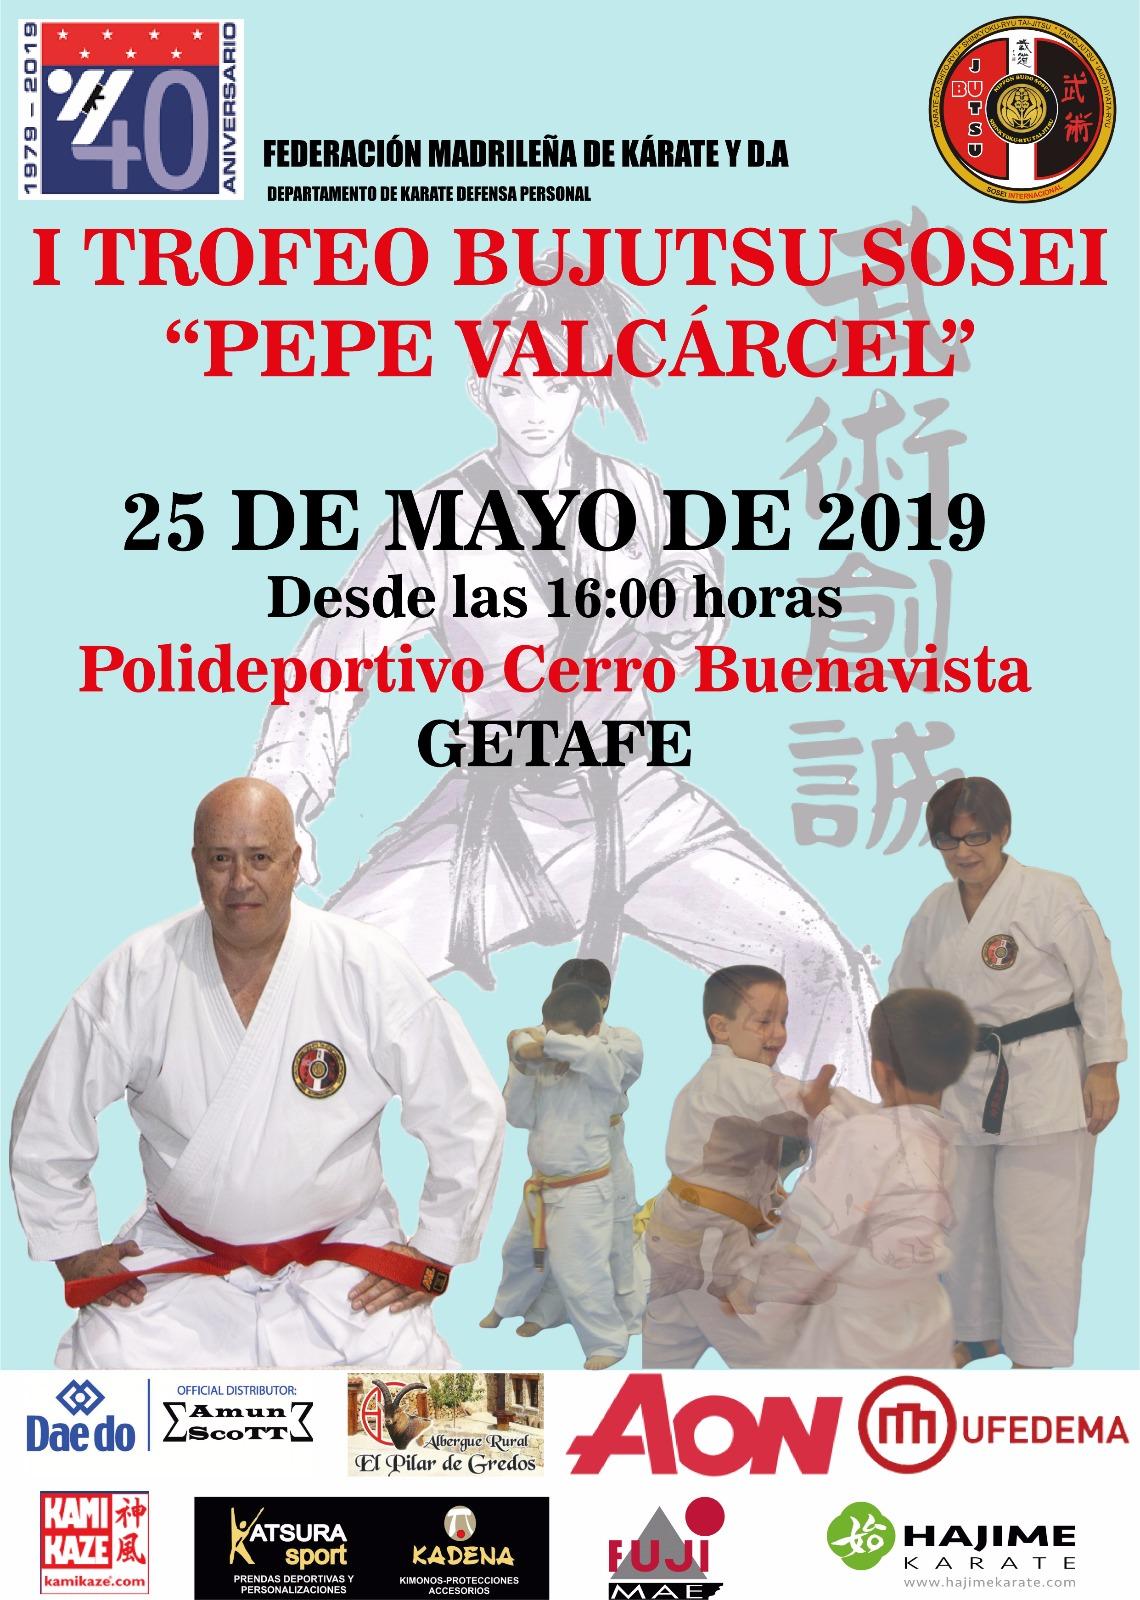 I Trofeo Bujutsu Sosei 2019